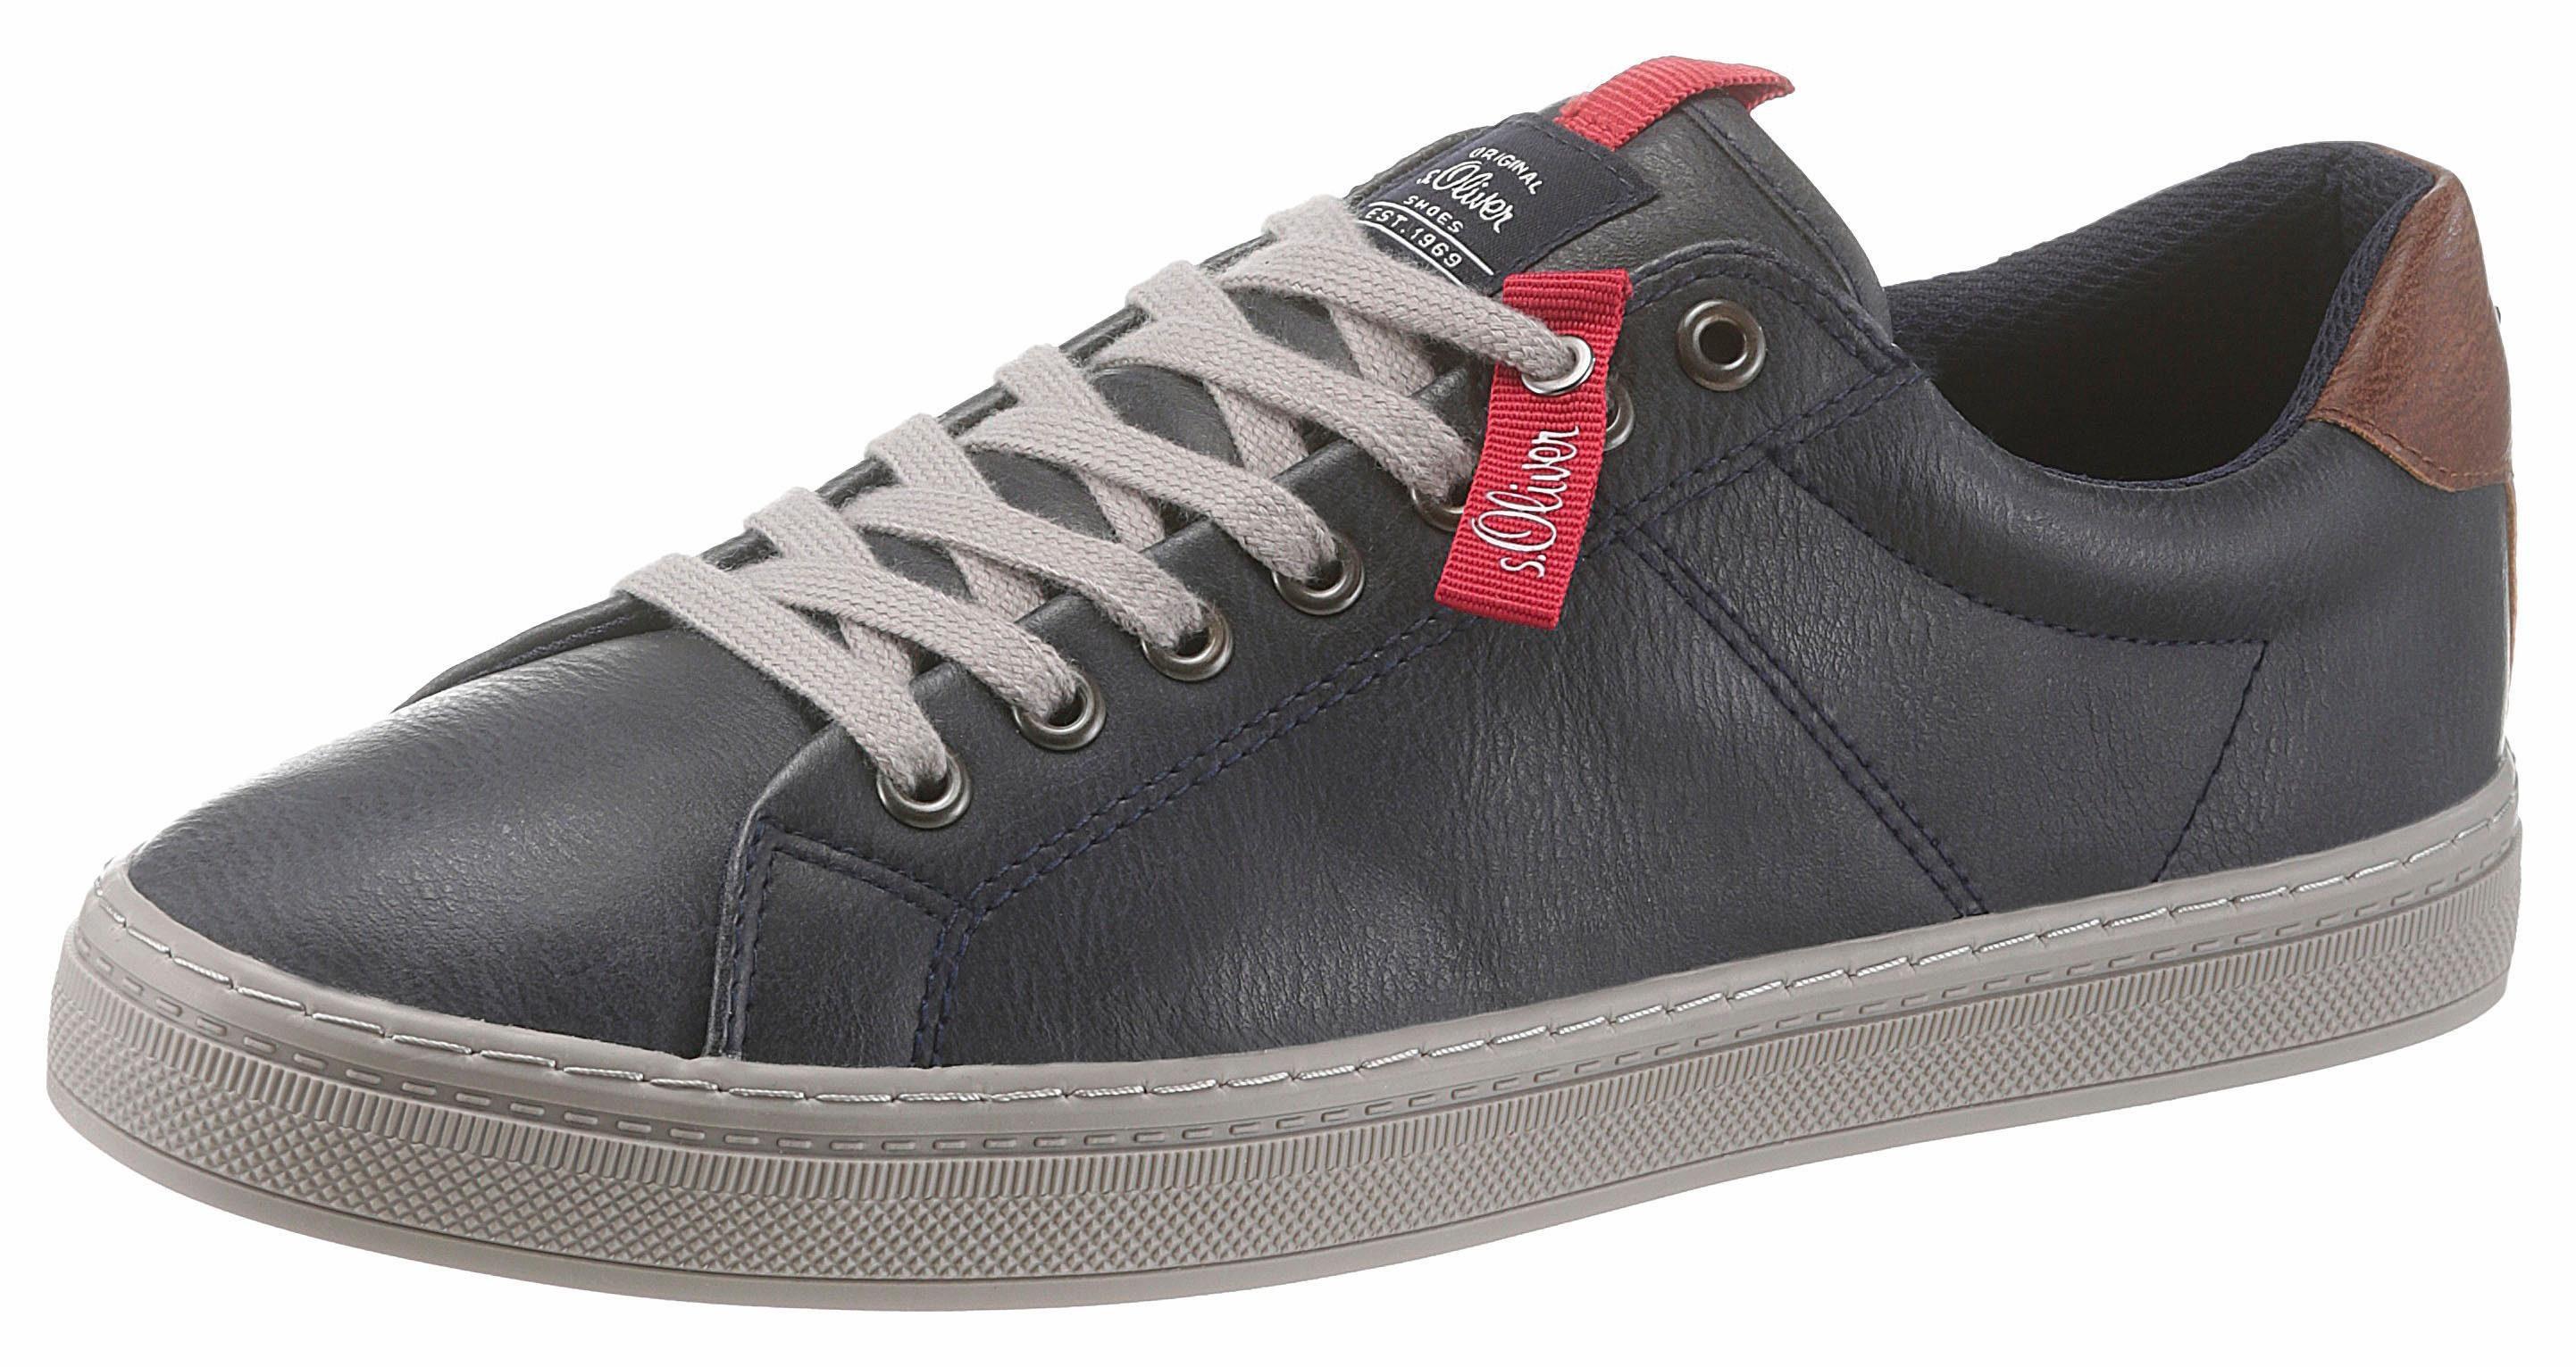 sOliver RED LABEL Sneaker, mit modischem Stitching an der Ferse online kaufen  navy